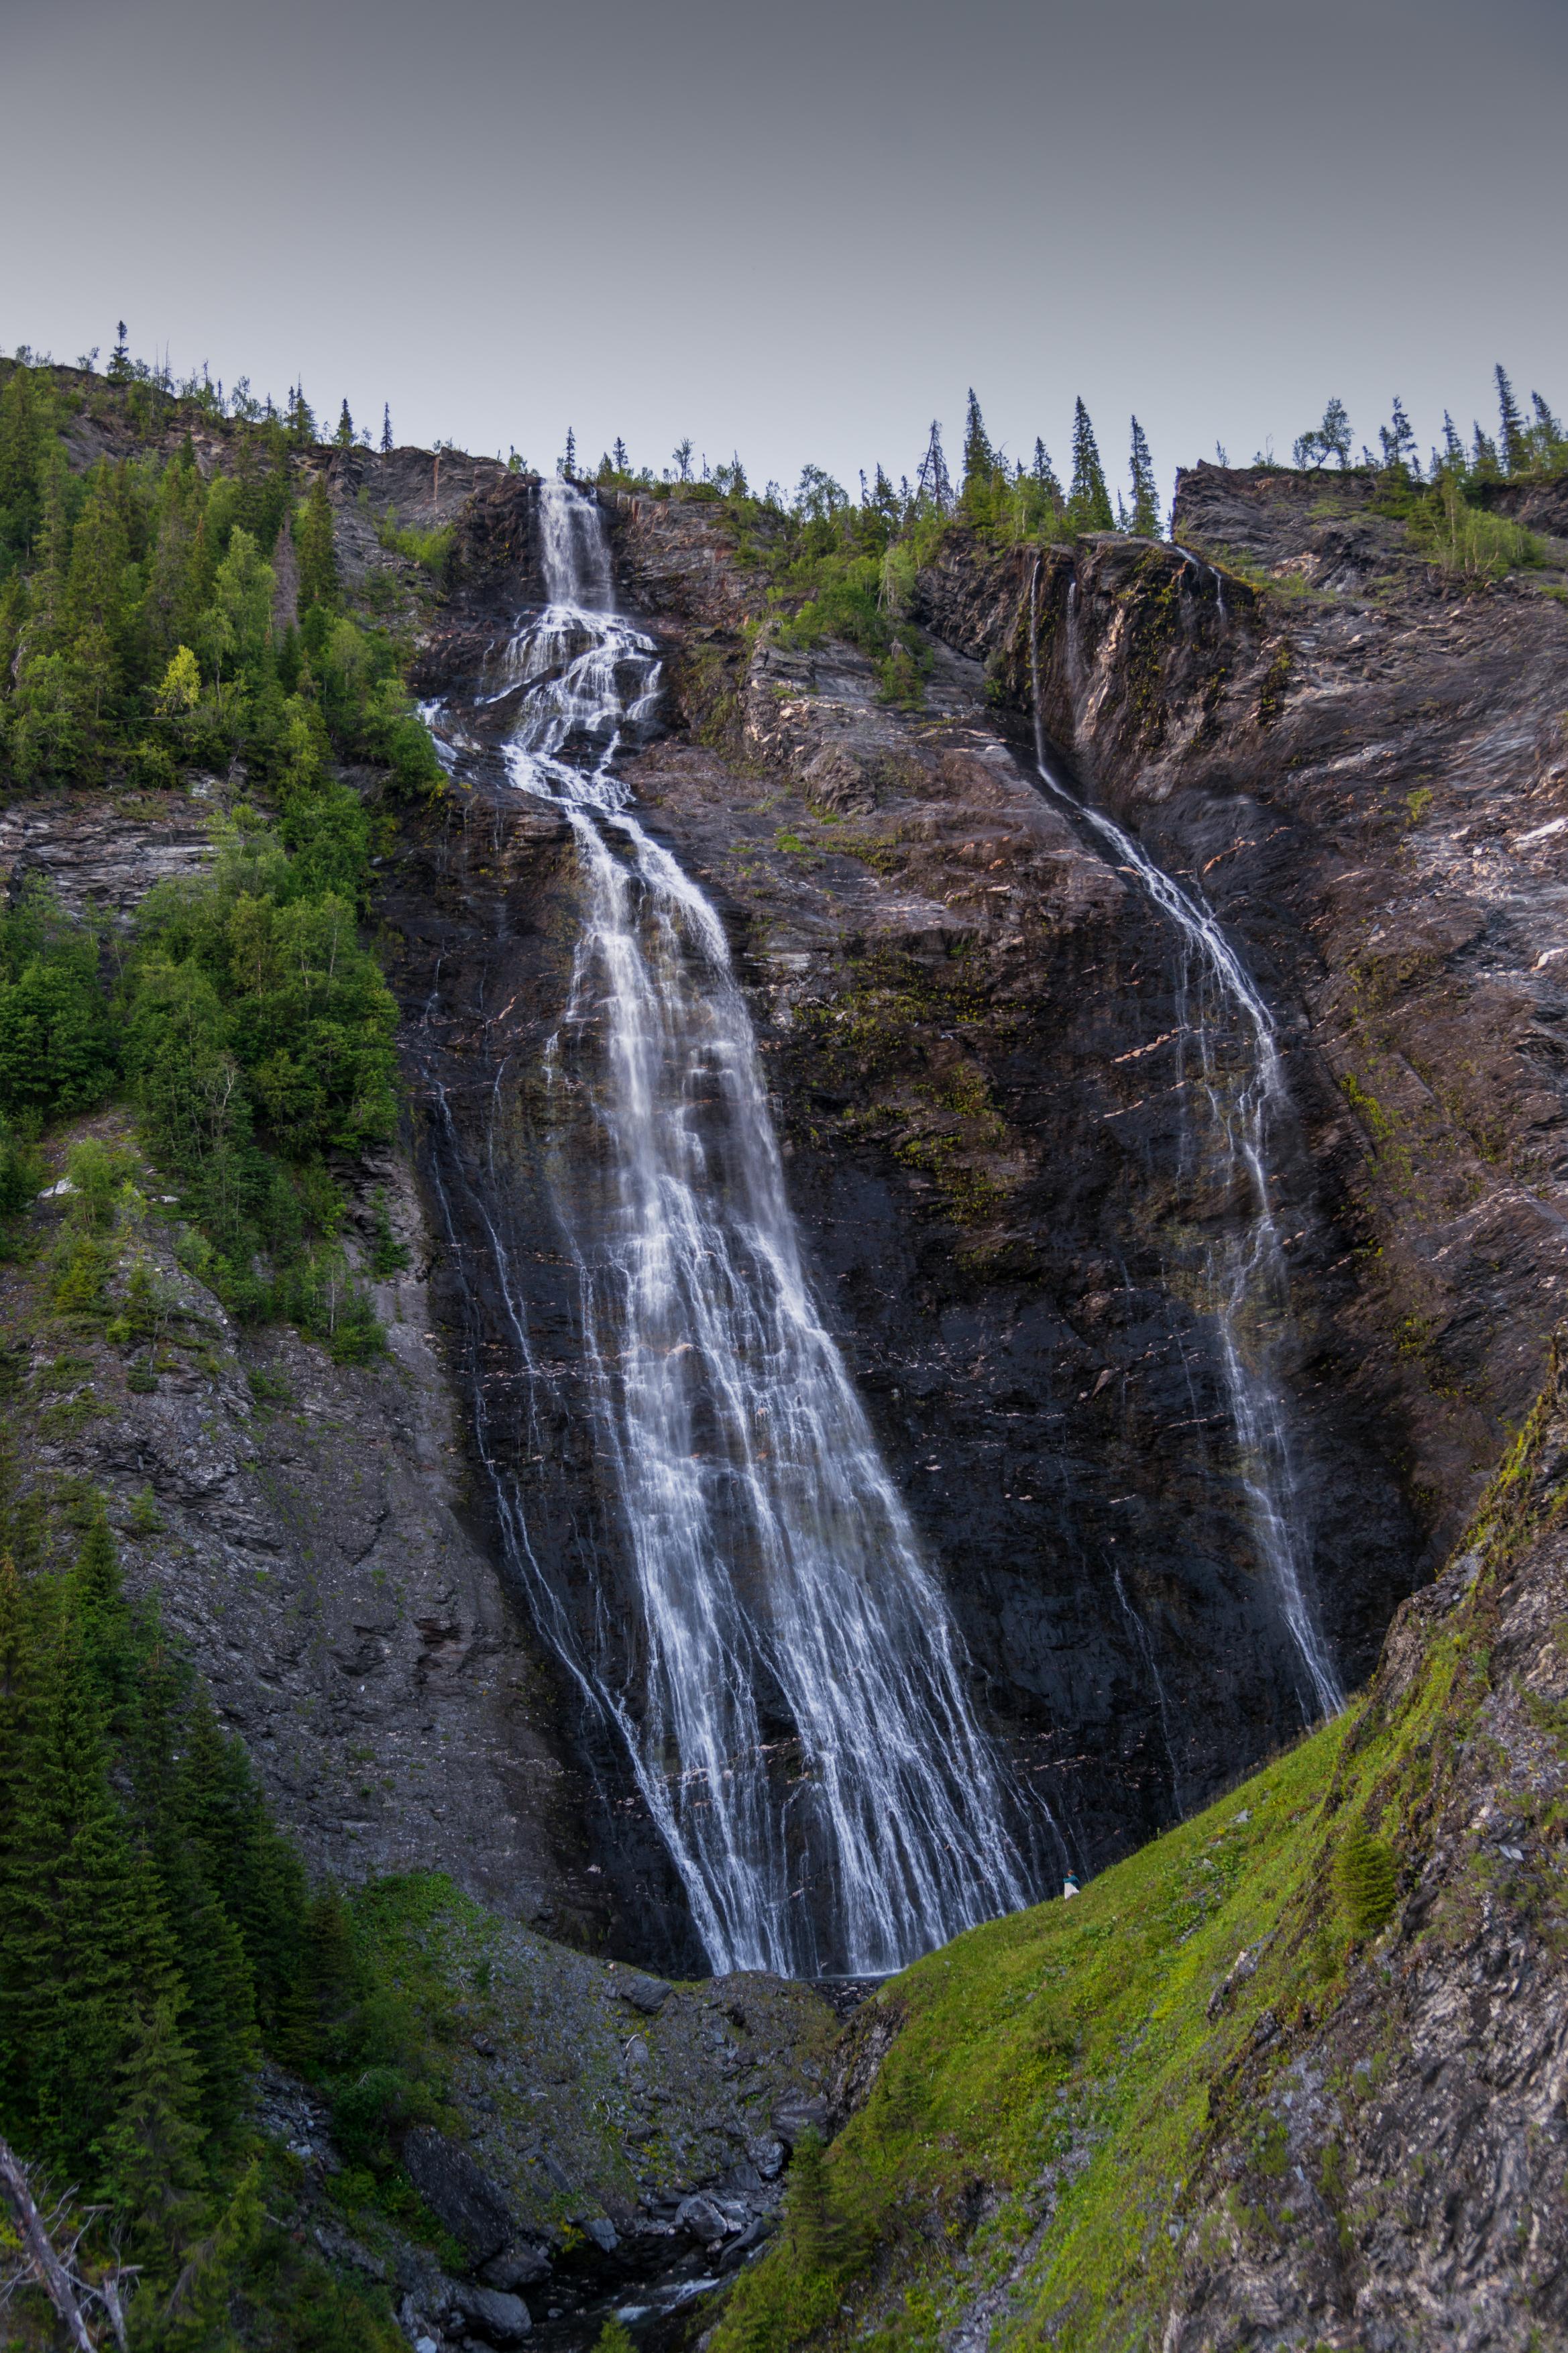 Hiking: Sisselfossen waterfall viewpoint